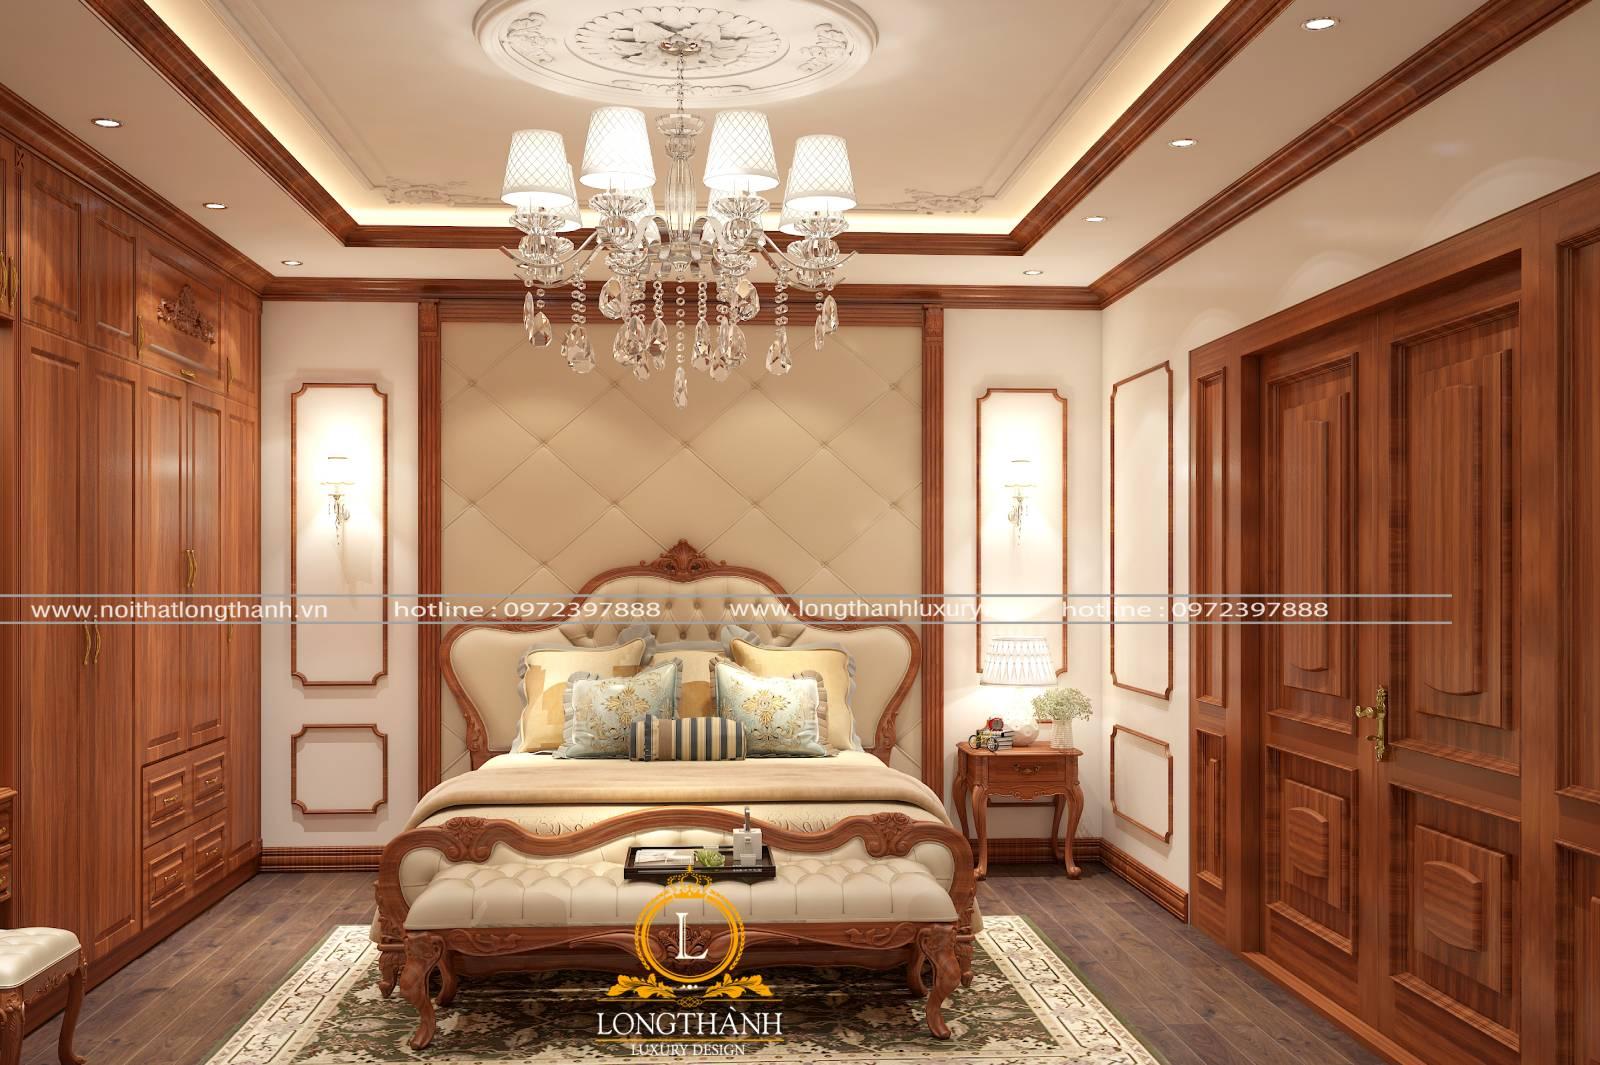 Phòng ngủ tân cổ điển làm từ chất liệu gỗ tự nhiên